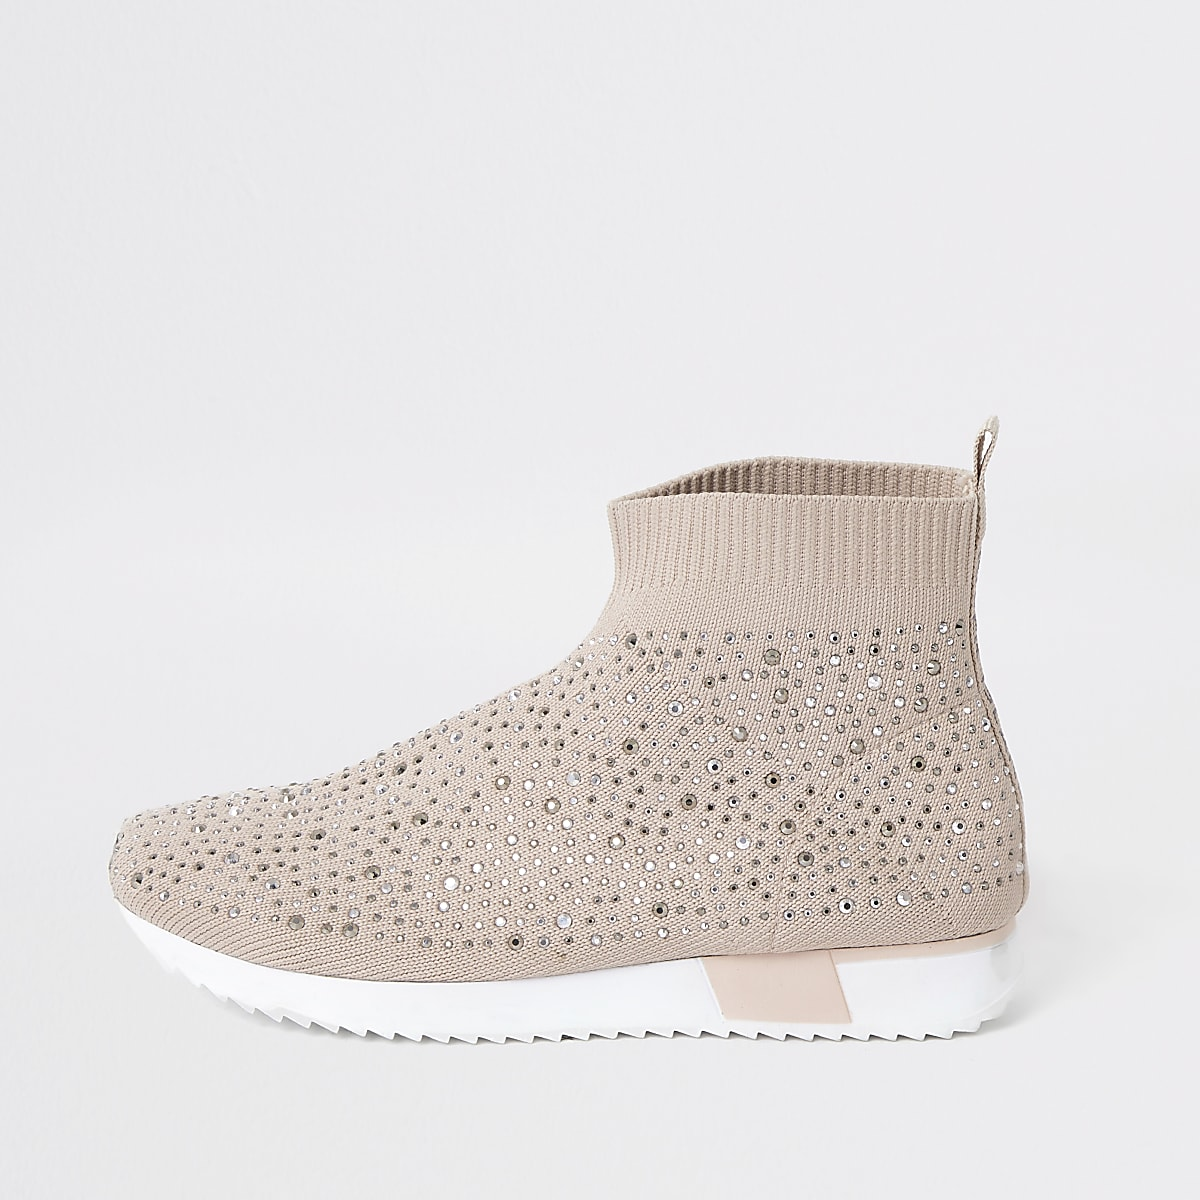 Baskets chaussettes roses à sequins pour fille